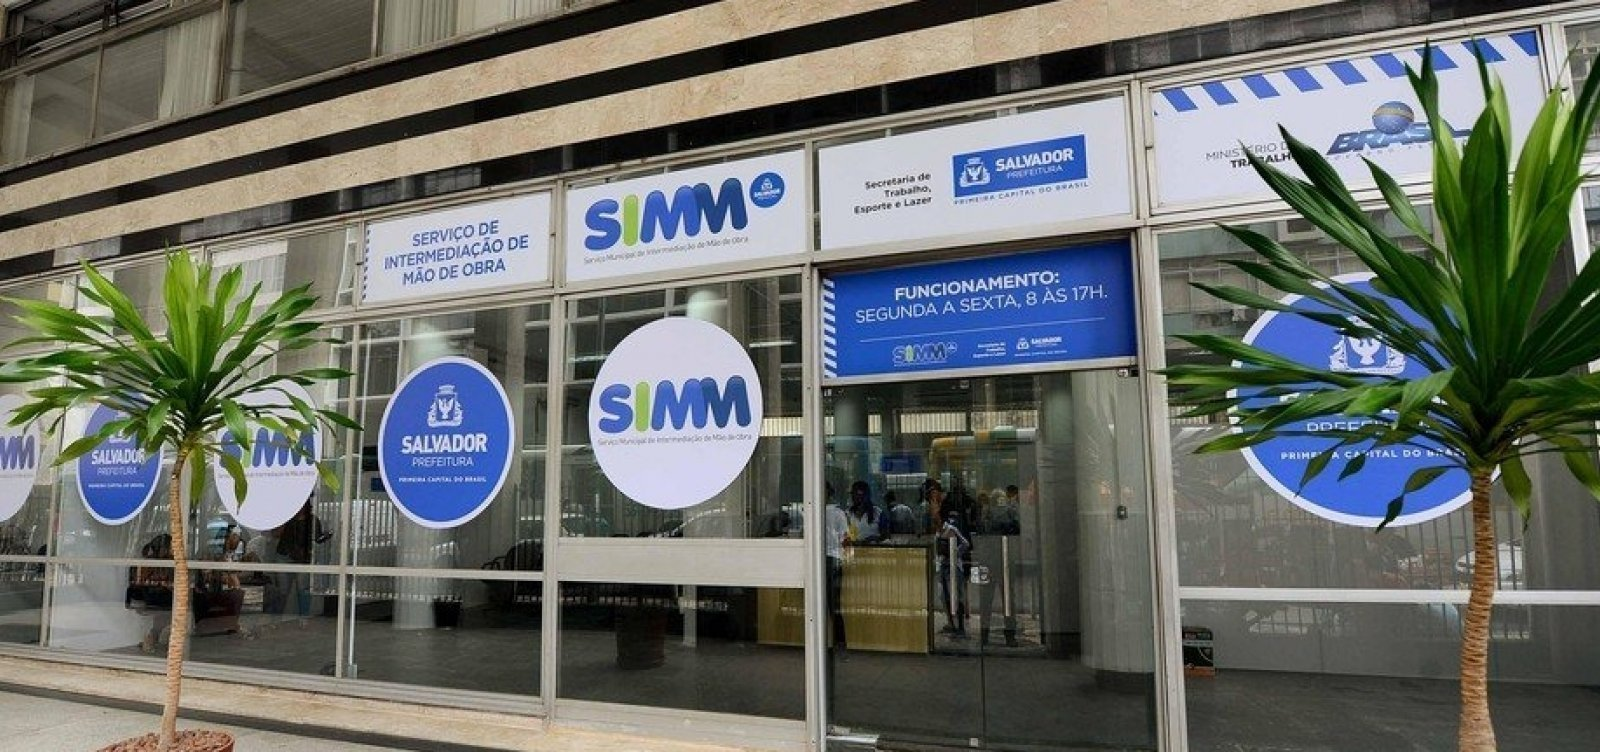 Simm oferece 23 vagas de emprego em Salvador para esta quarta; confira